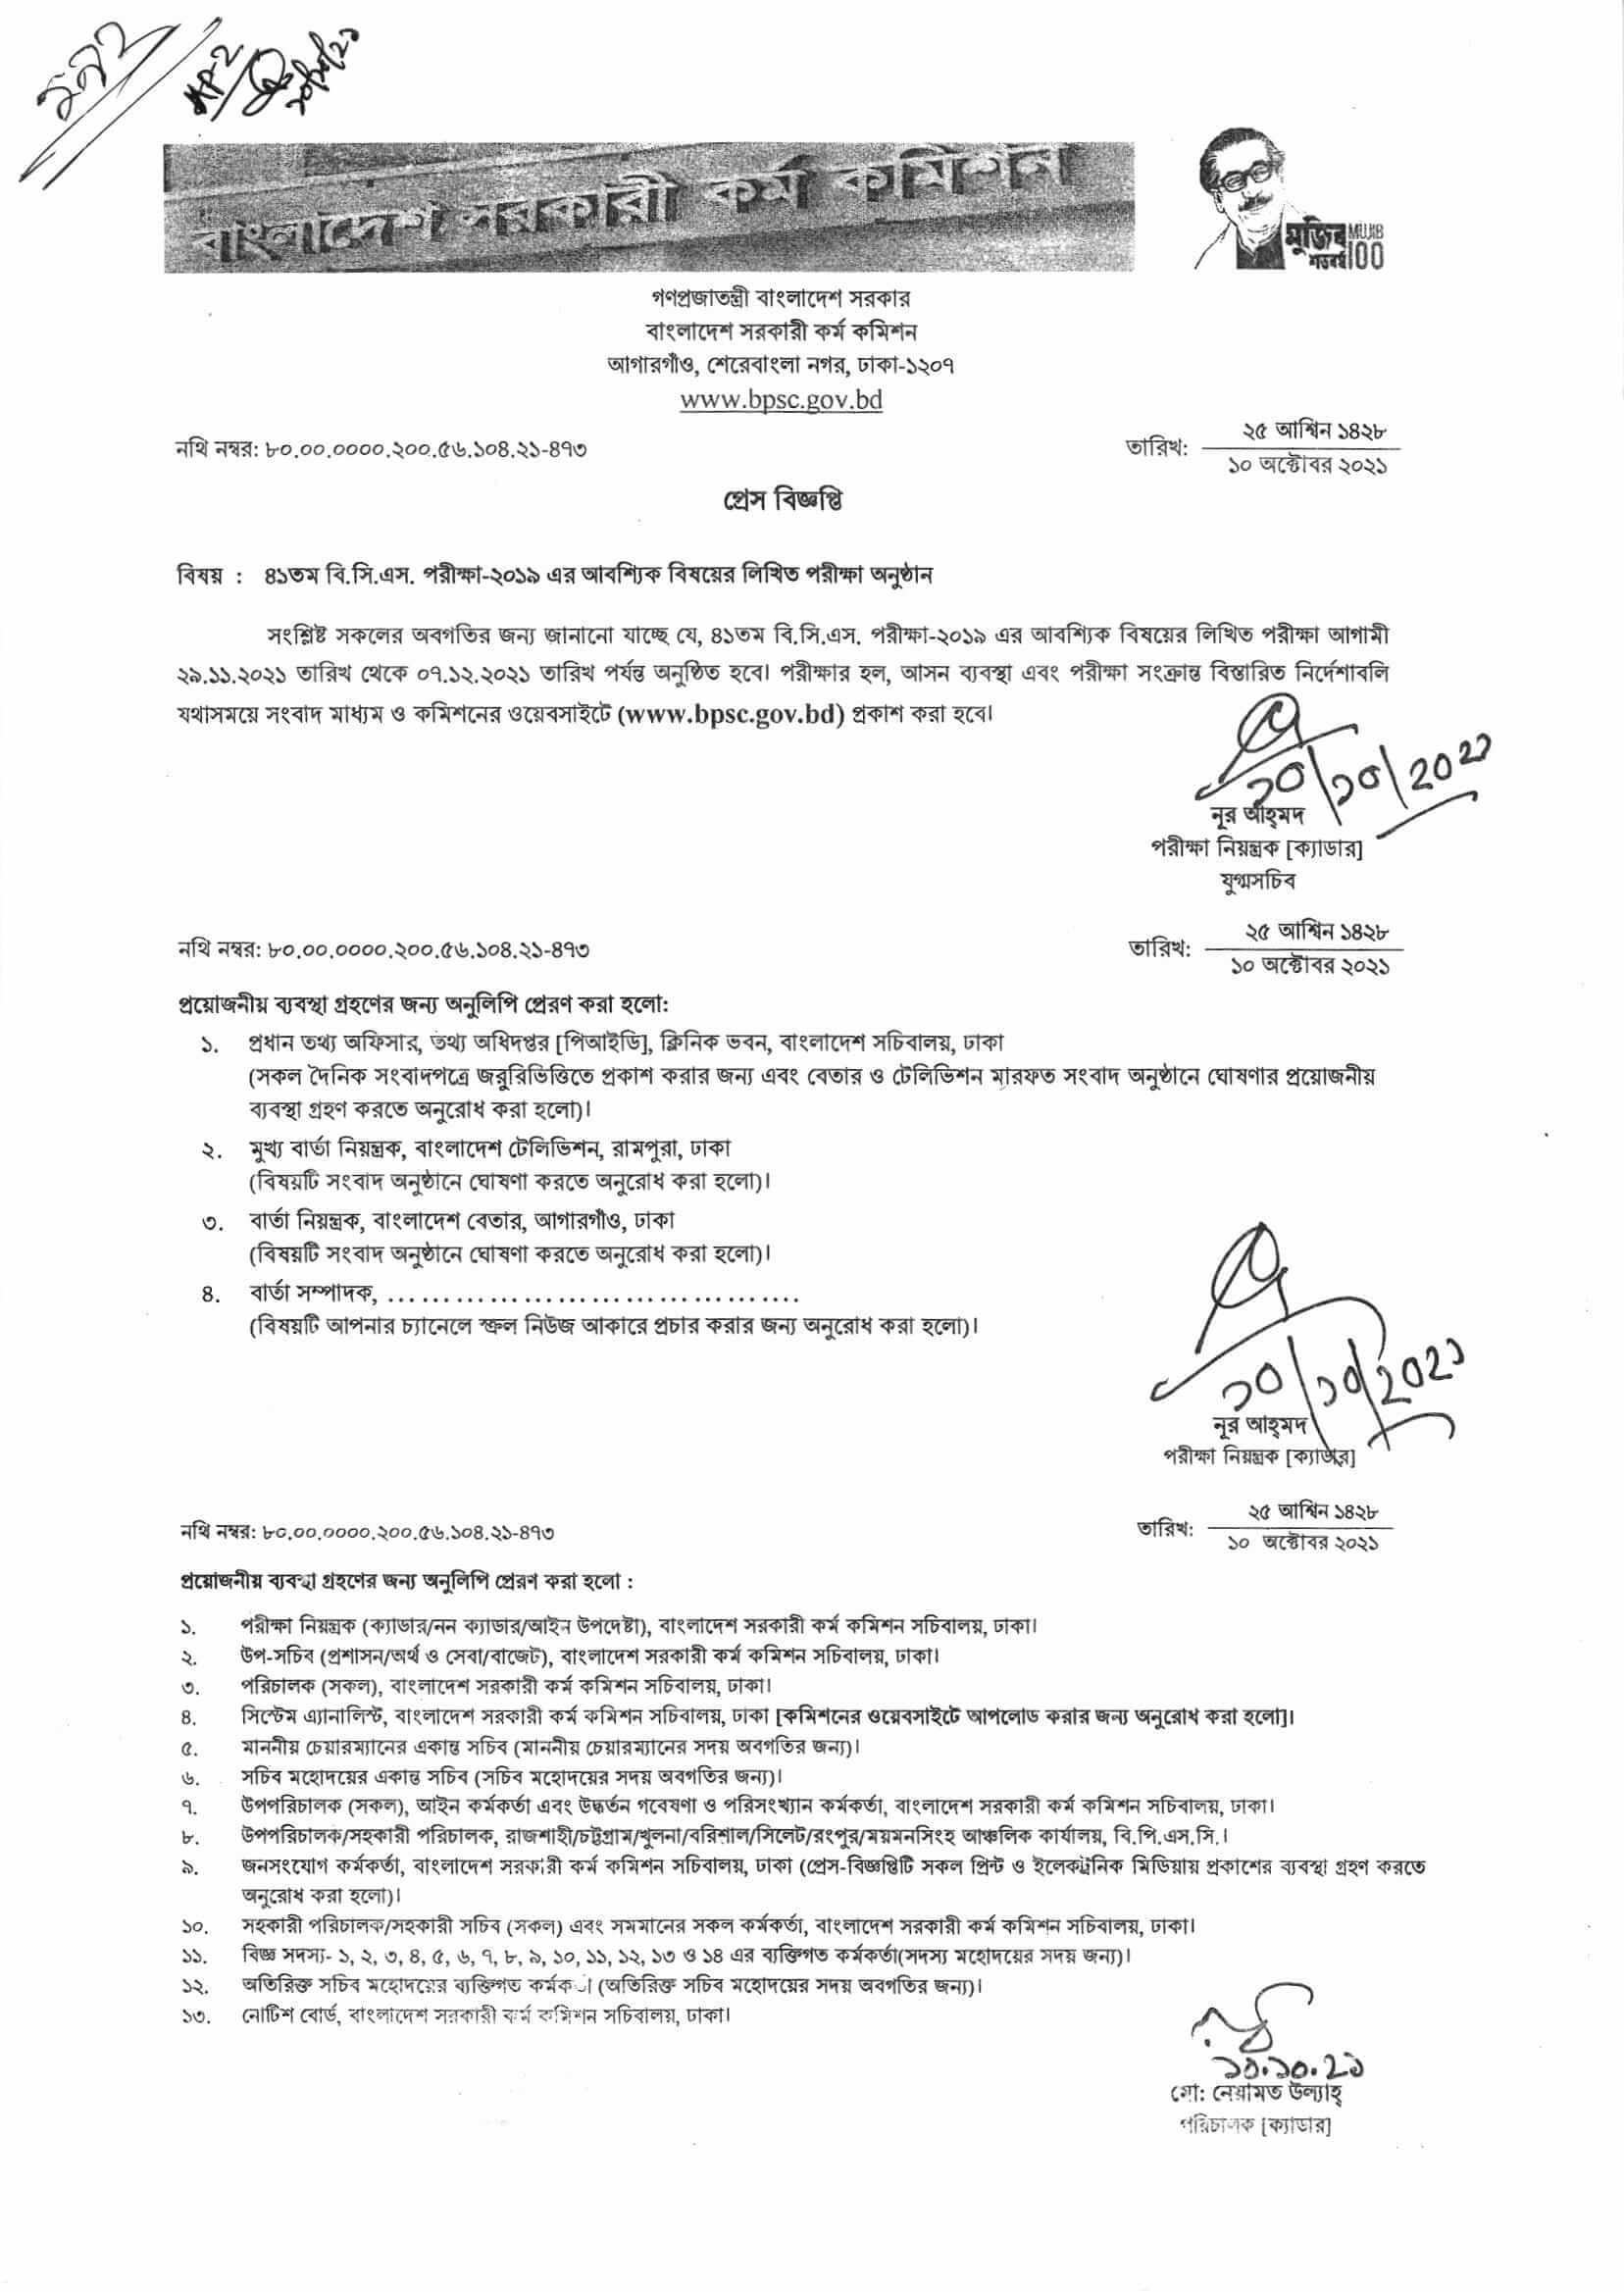 41 BCS Written Exam Date